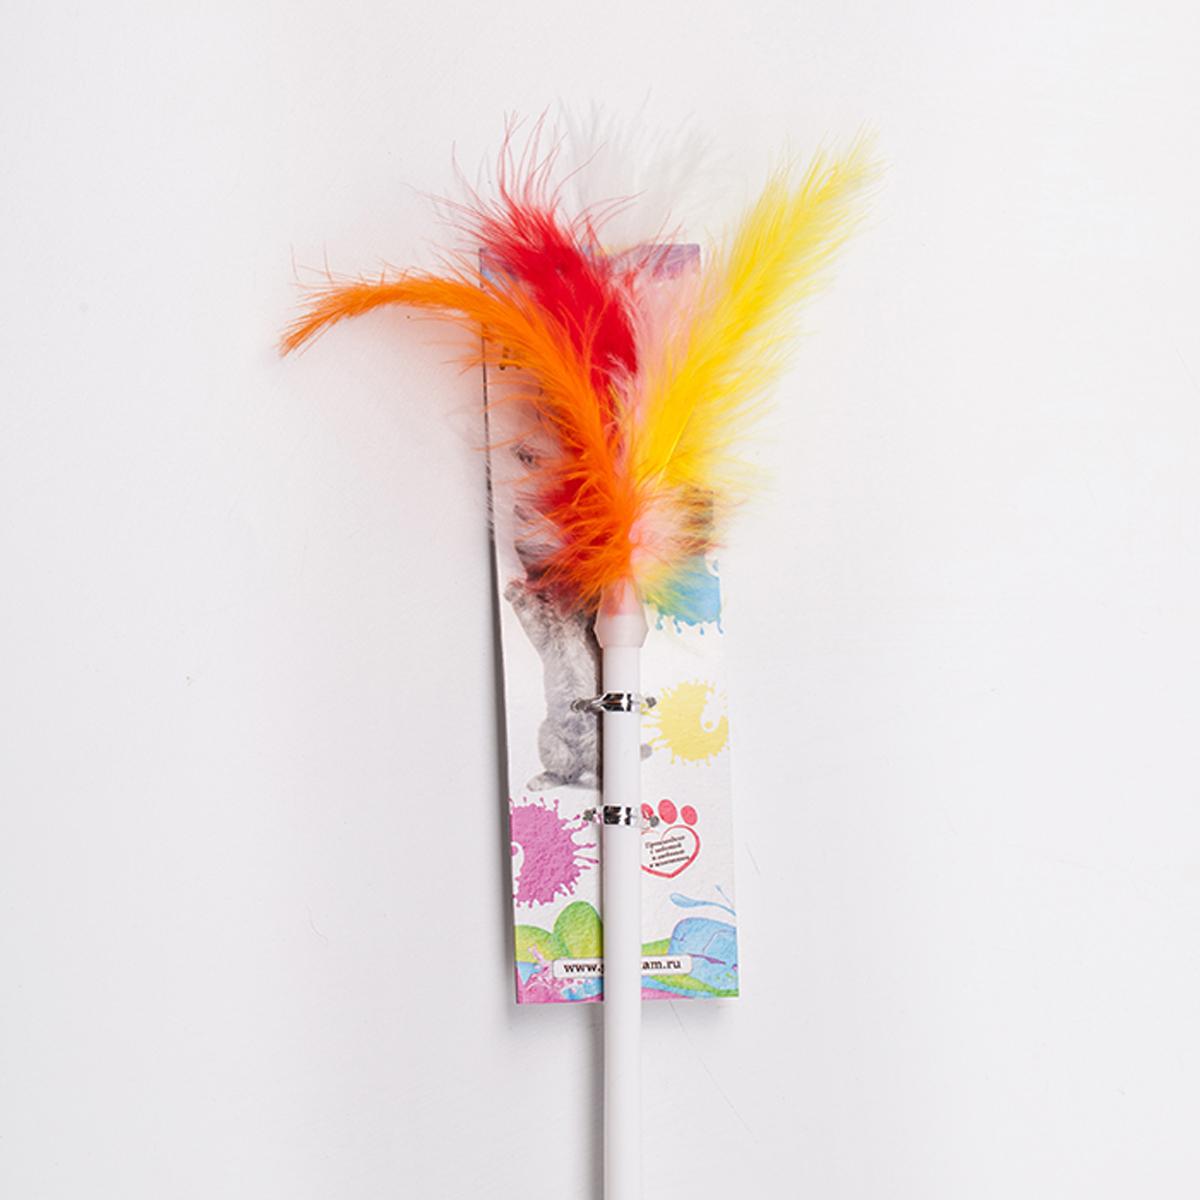 Дразнилка-удочка для кошки Грызлик Ам Пушистый хвост, длина палочки 55 см дразнилка удочка для кошки грызлик ам шарик eco с перьями длина палочки 40 см